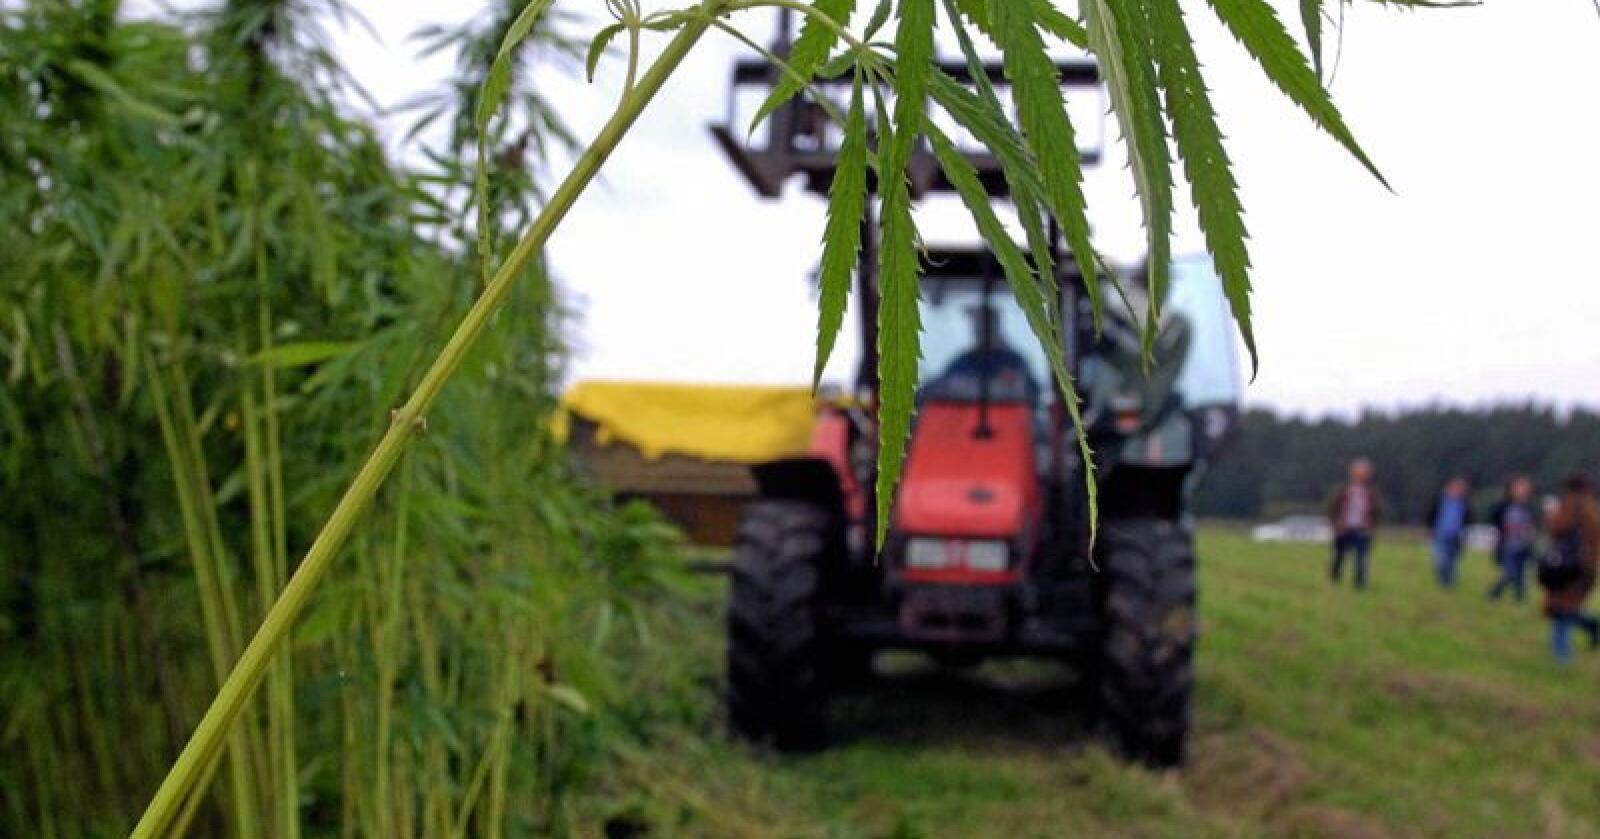 Siden 1964 har det vært forbudt å dyrke hamp i Norge, til tross for at planten kan erstatte for eksempel plast. Dette ønsker Norges Vel, Norsk bonde- og småbrukerlag, Norsk institutt for bioøkonomi og Coop å gjøre noe med. Foto: Emilie Wellfet / HP / SCANPIX